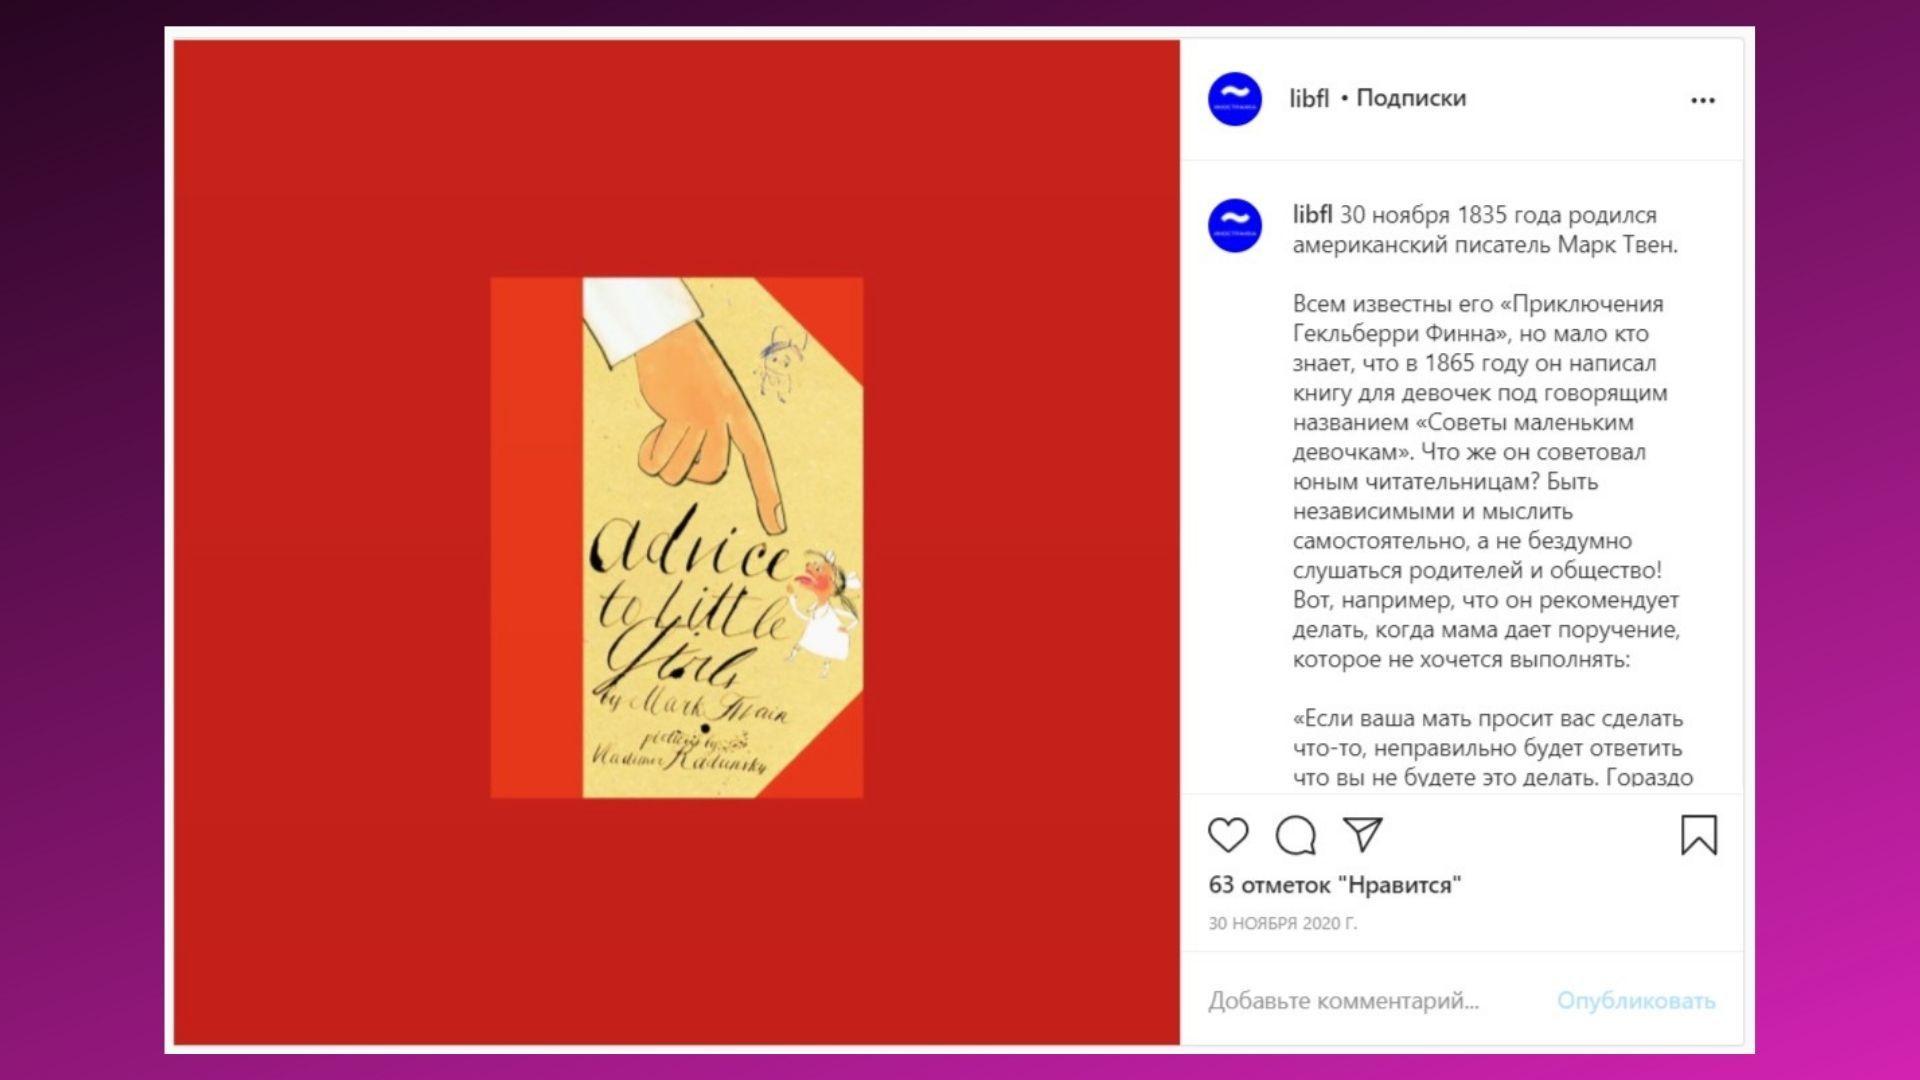 Библиотека иностранной литературы использует важные даты, связанные с писателями и их творчеством